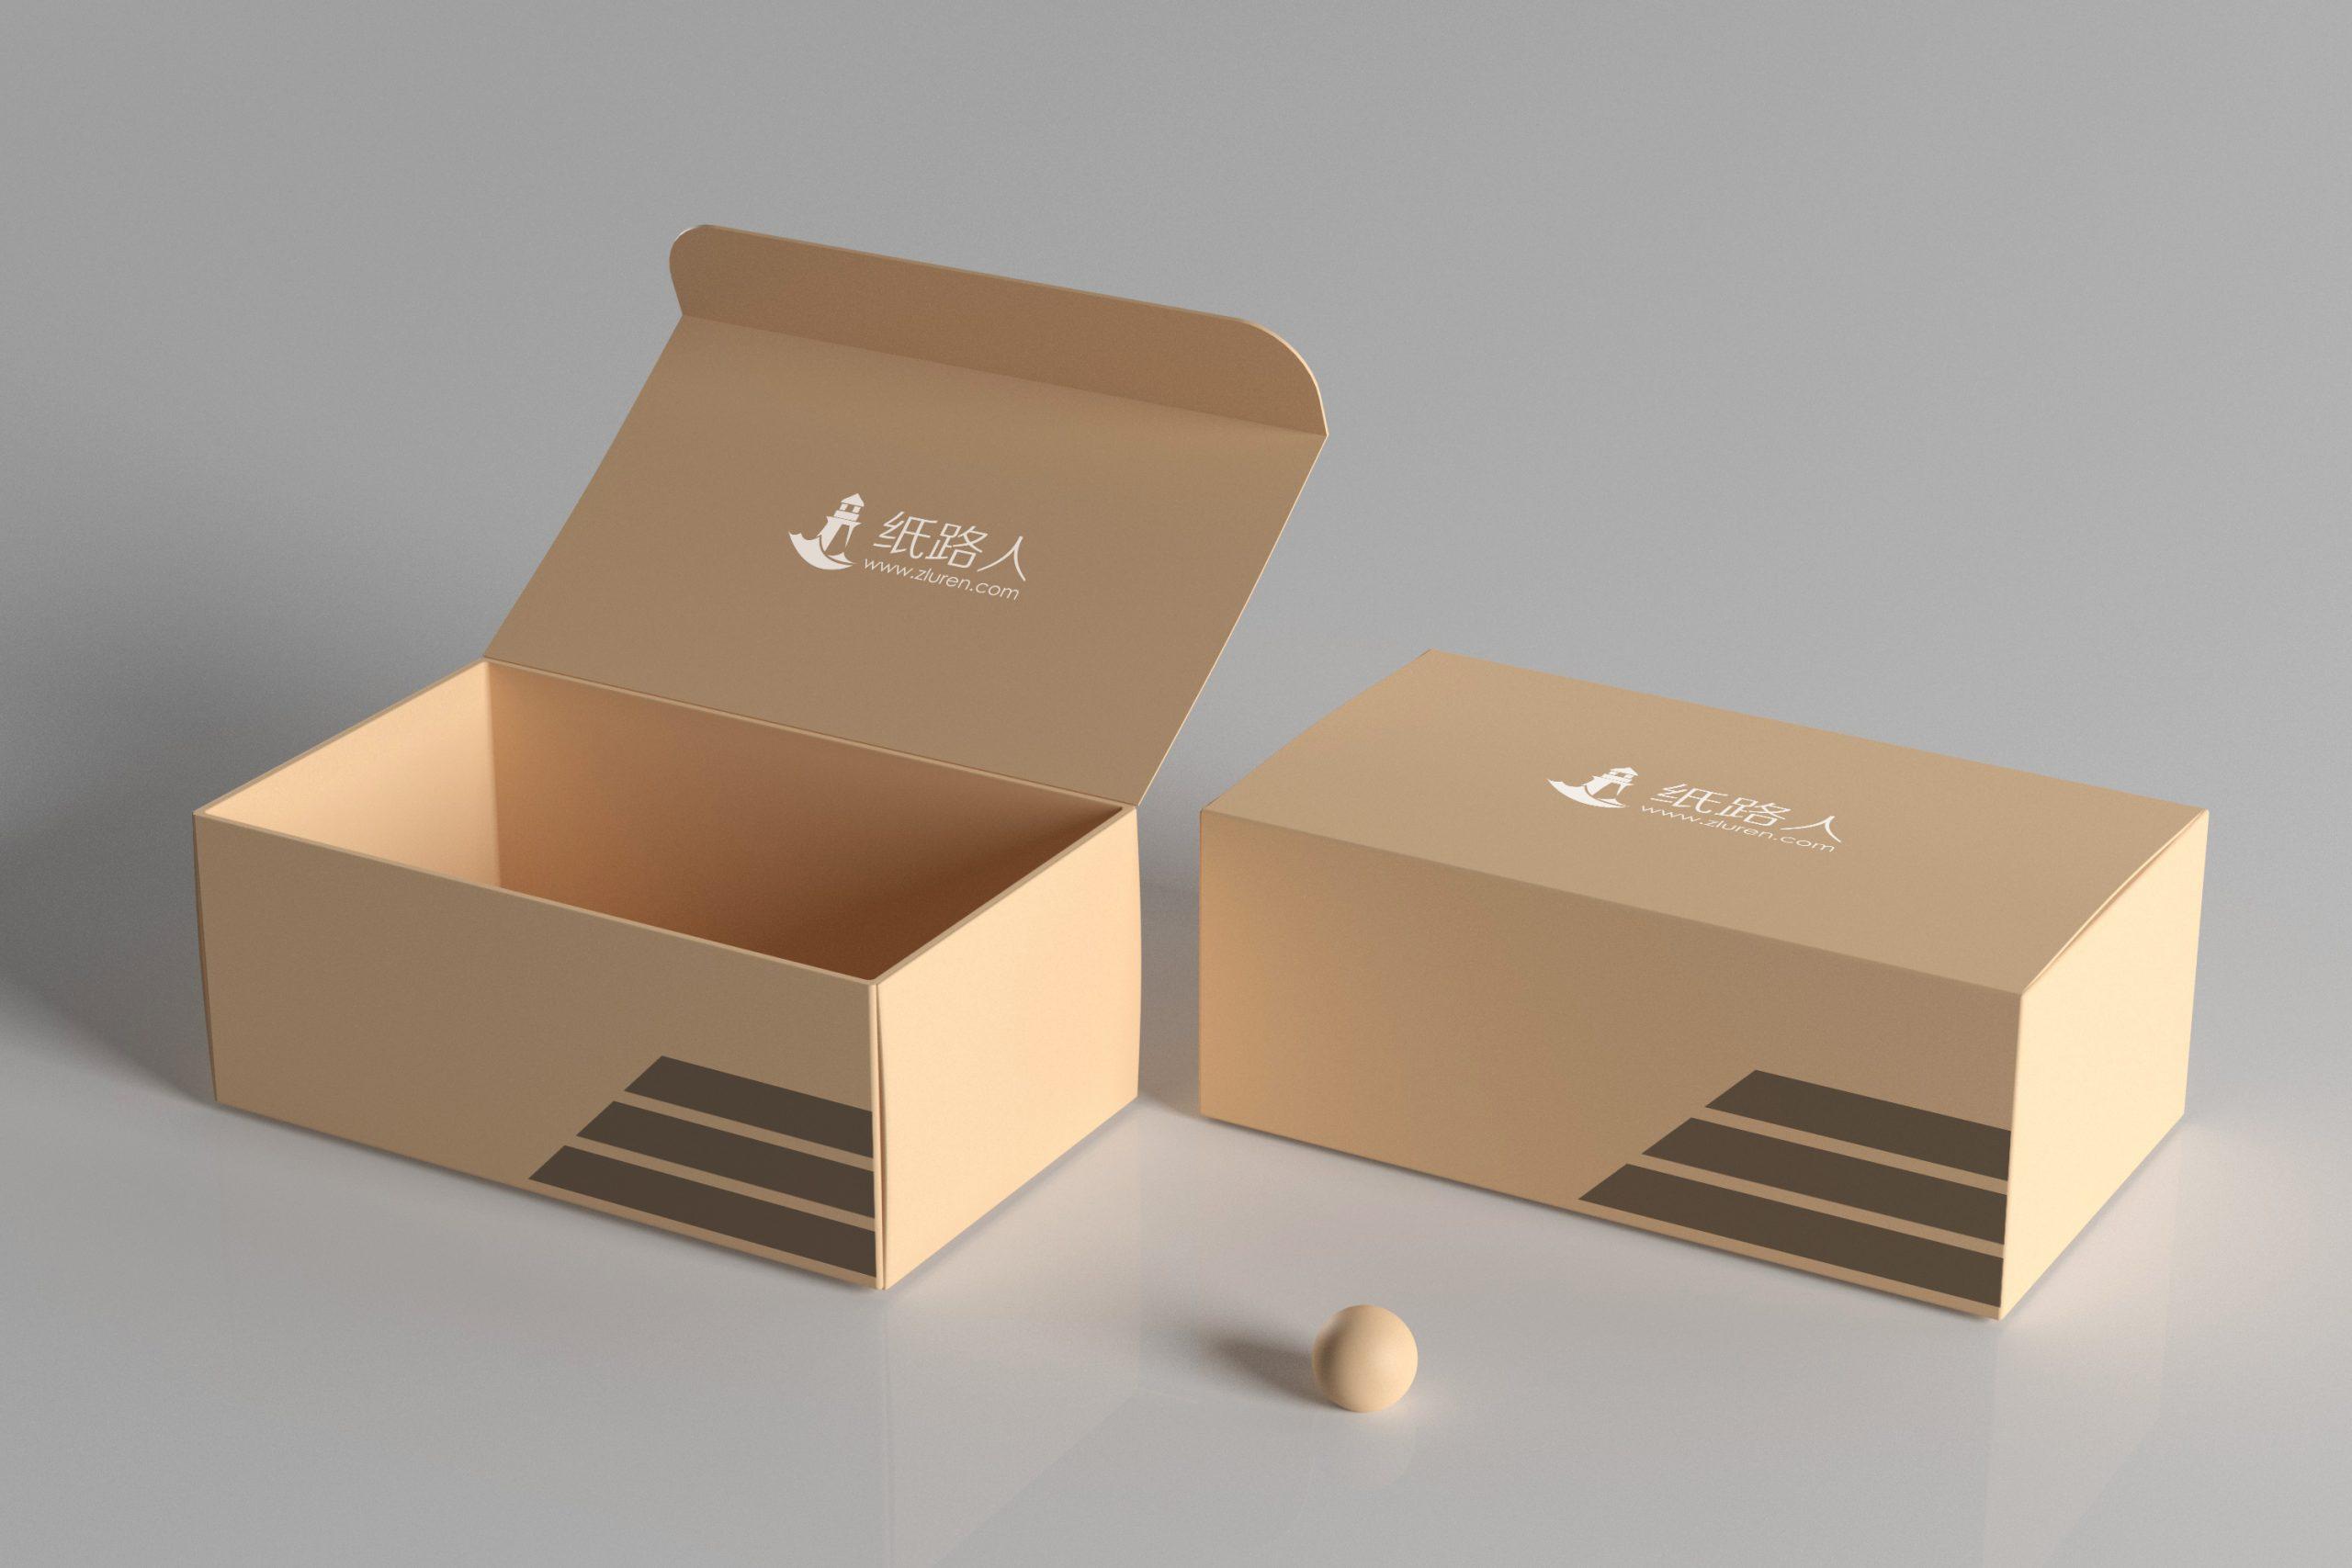 进口牛卡纸和普通牛卡纸的区别